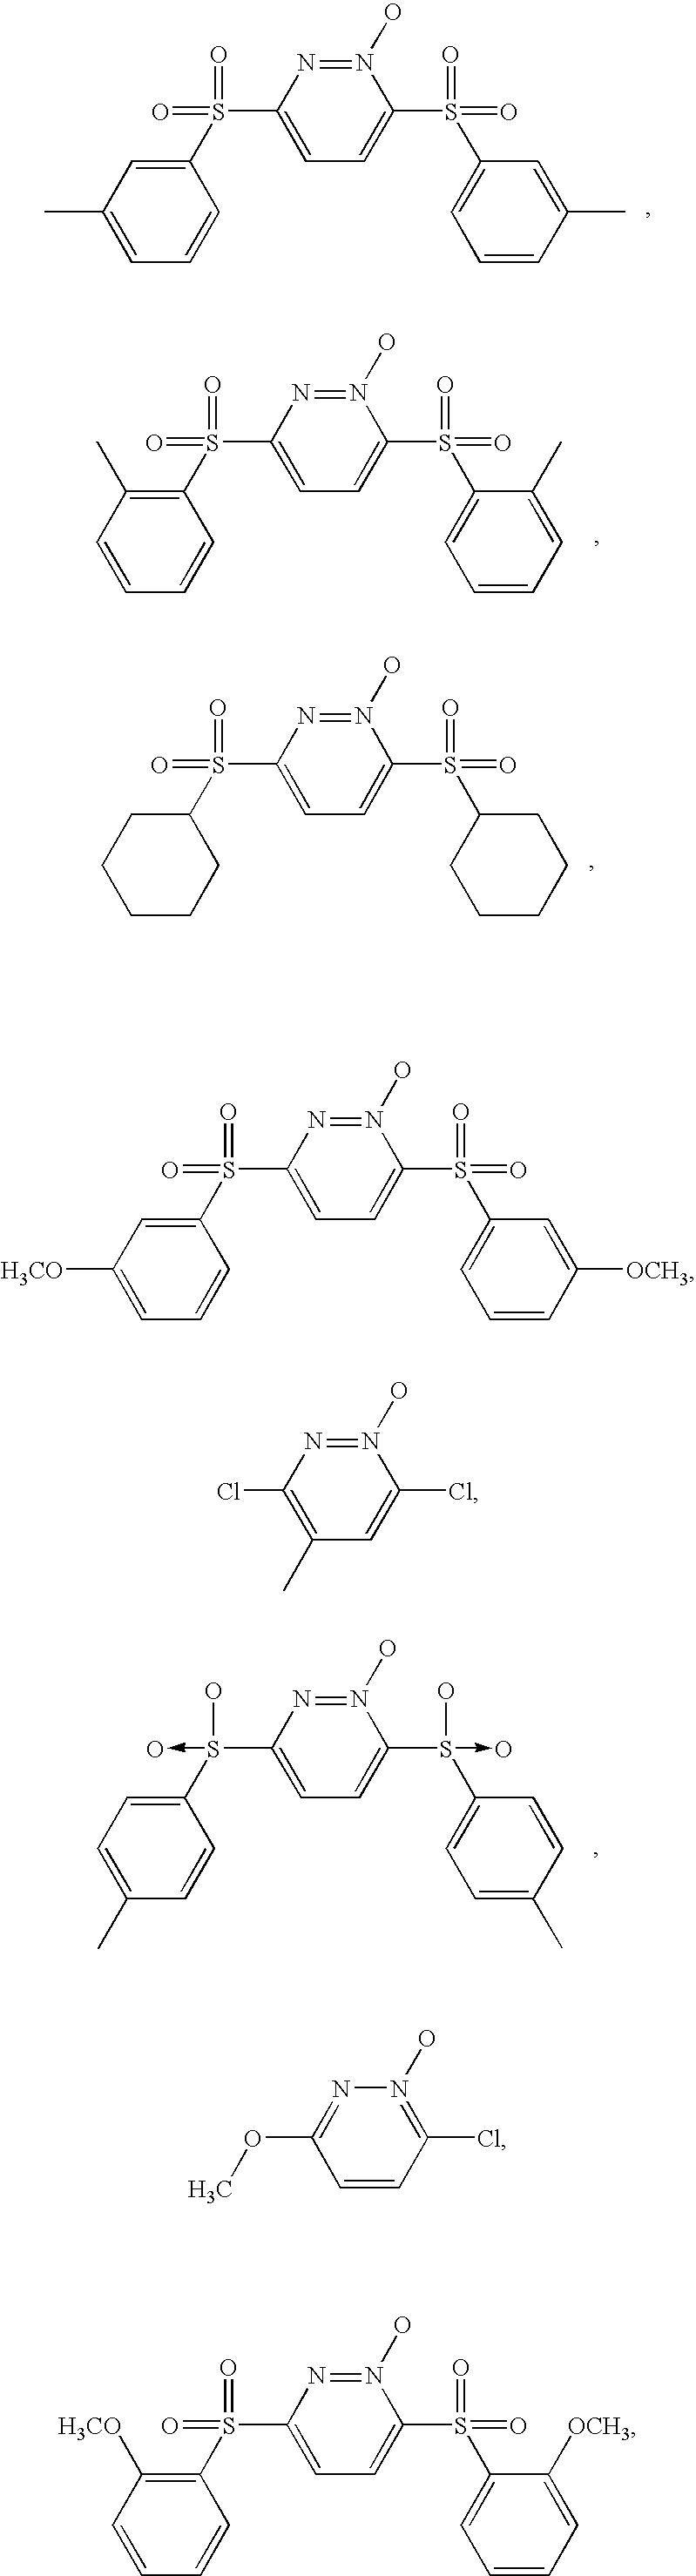 Figure US20040242886A1-20041202-C00164